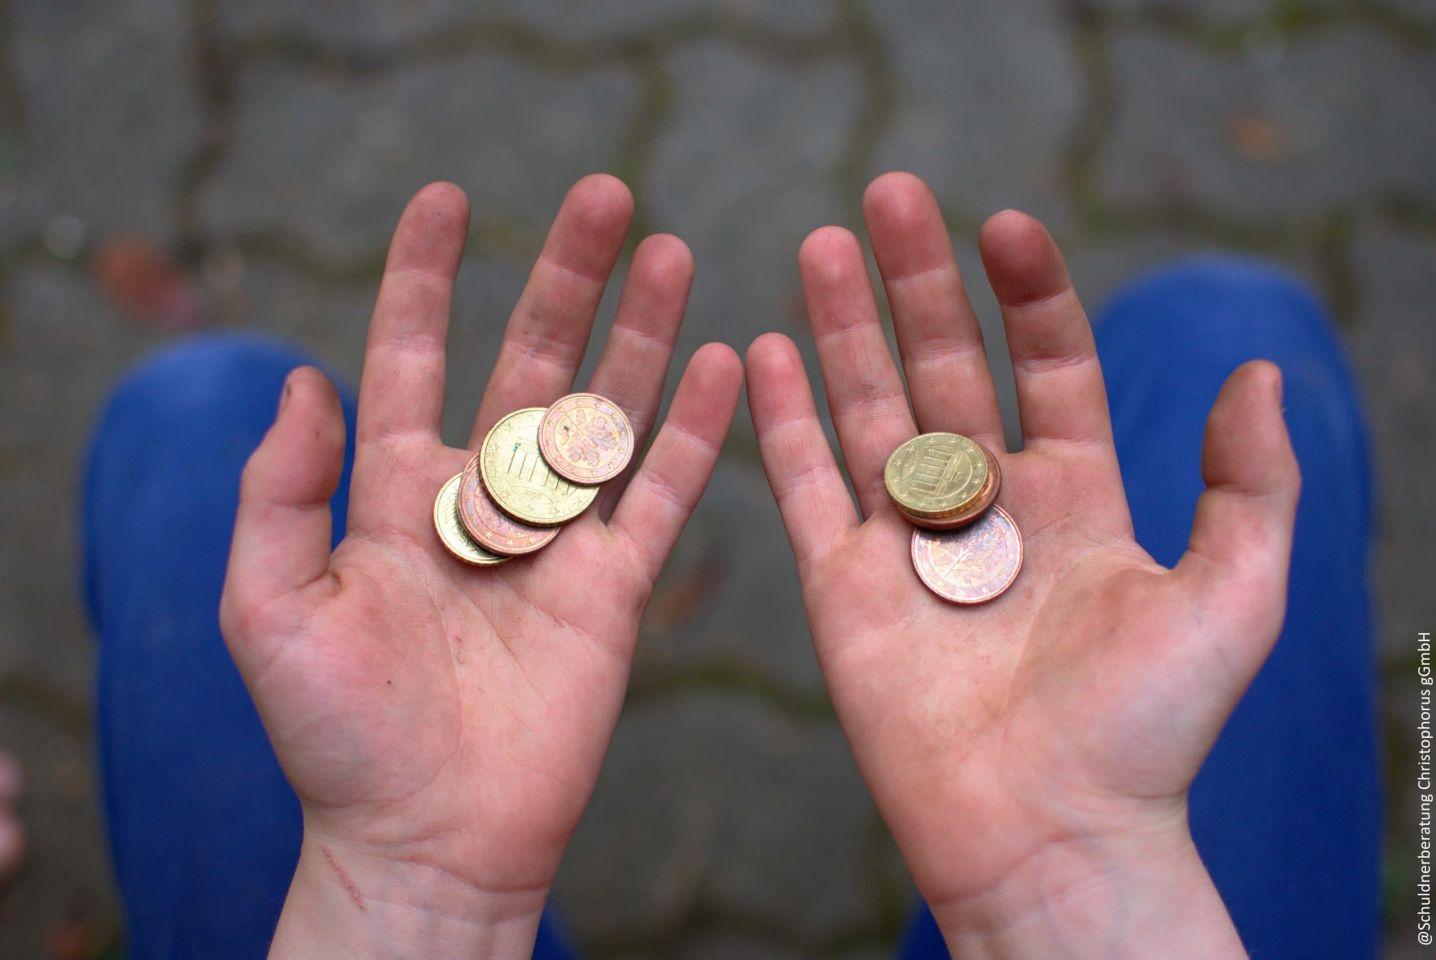 """Wenn das Geld immer knapp ist: Malwettbewerb der Christophorus-Gesellschaft zum Thema """"Kinderarmut"""""""